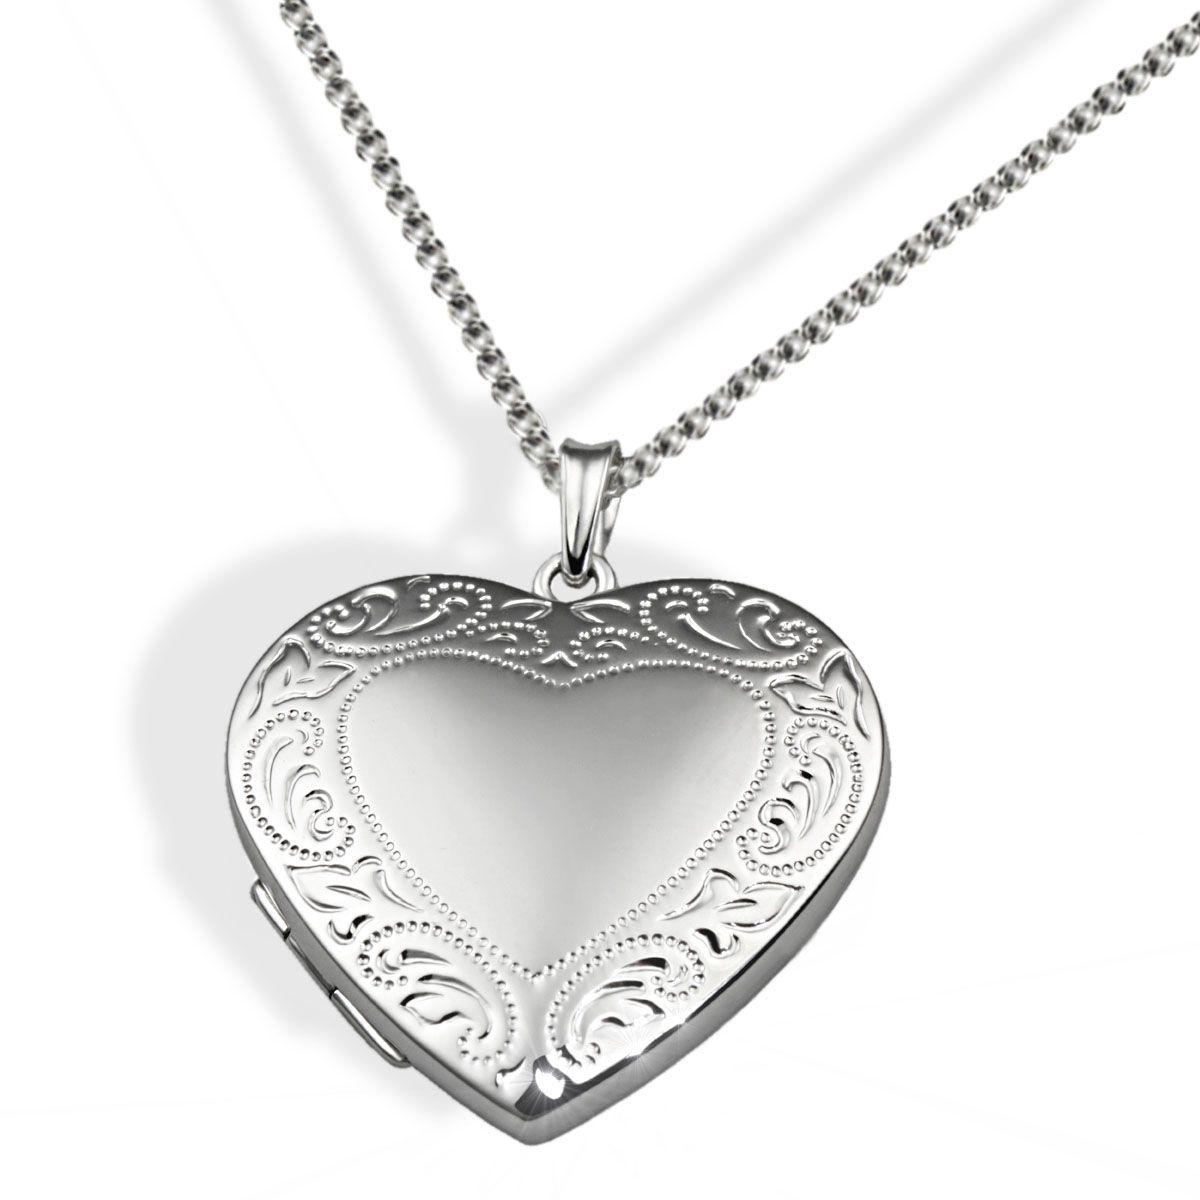 AVERDIN Averdin Collier Silber 925 Medallion Herz mit Muster